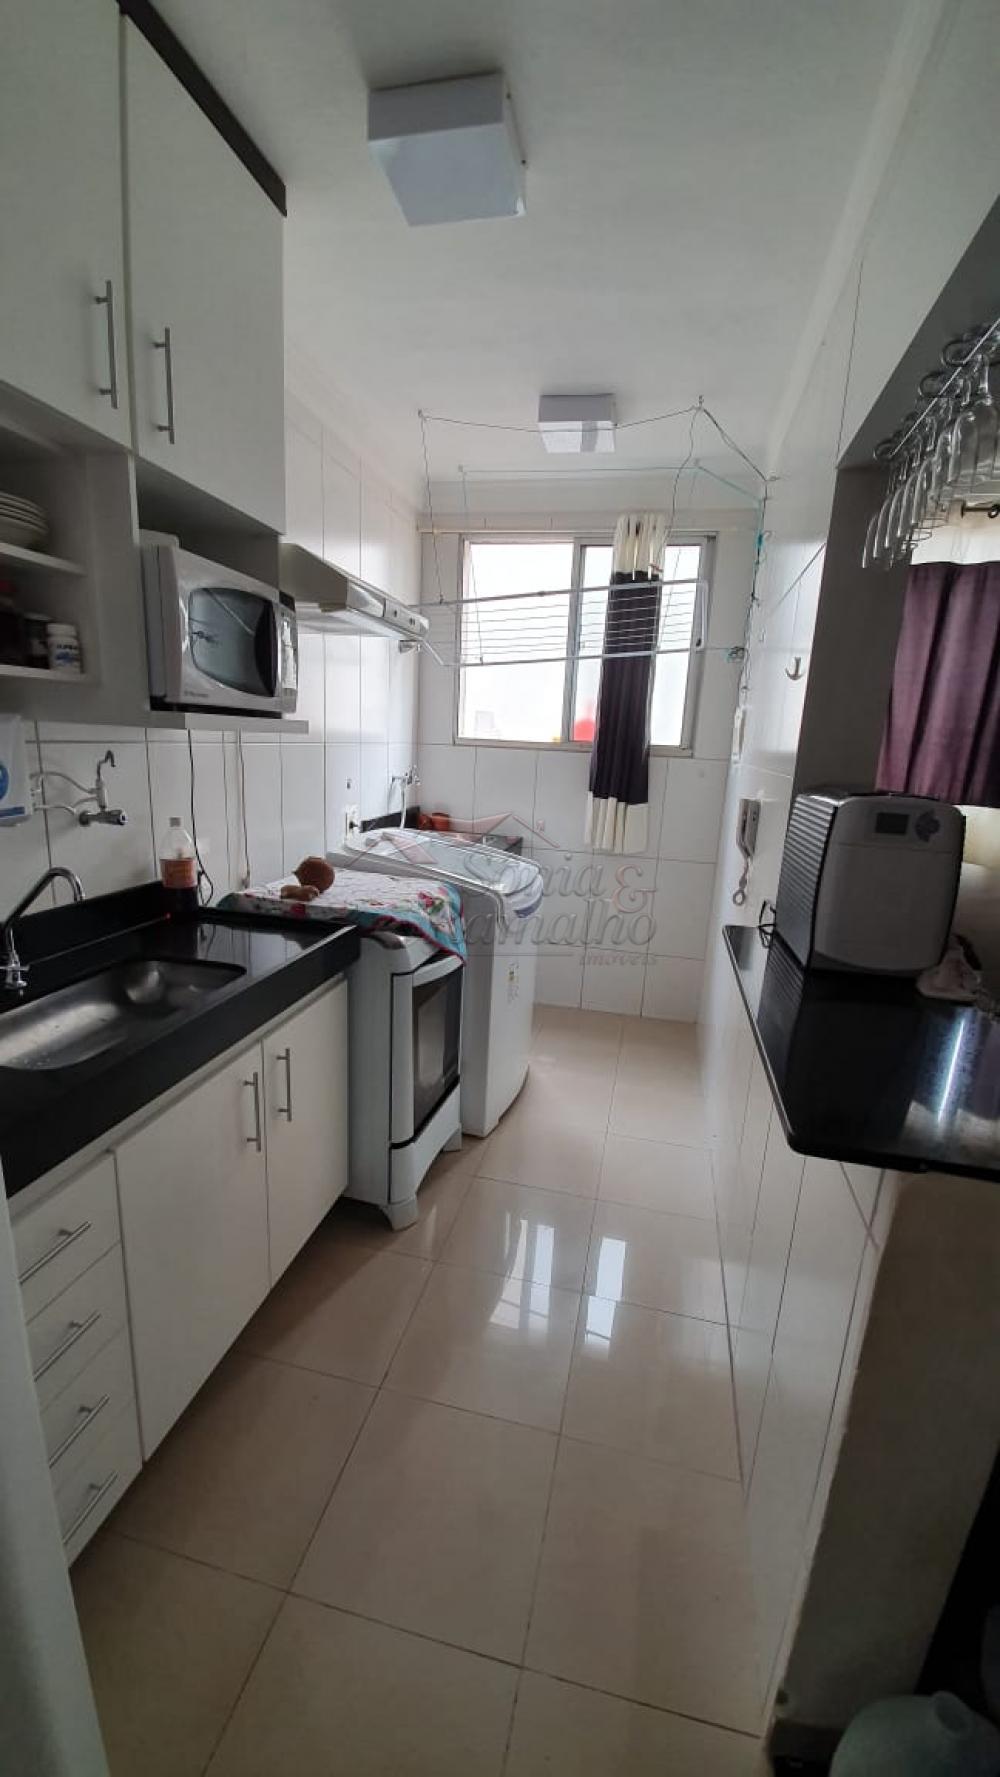 Comprar Apartamentos / Padrão em Ribeirão Preto apenas R$ 175.000,00 - Foto 7